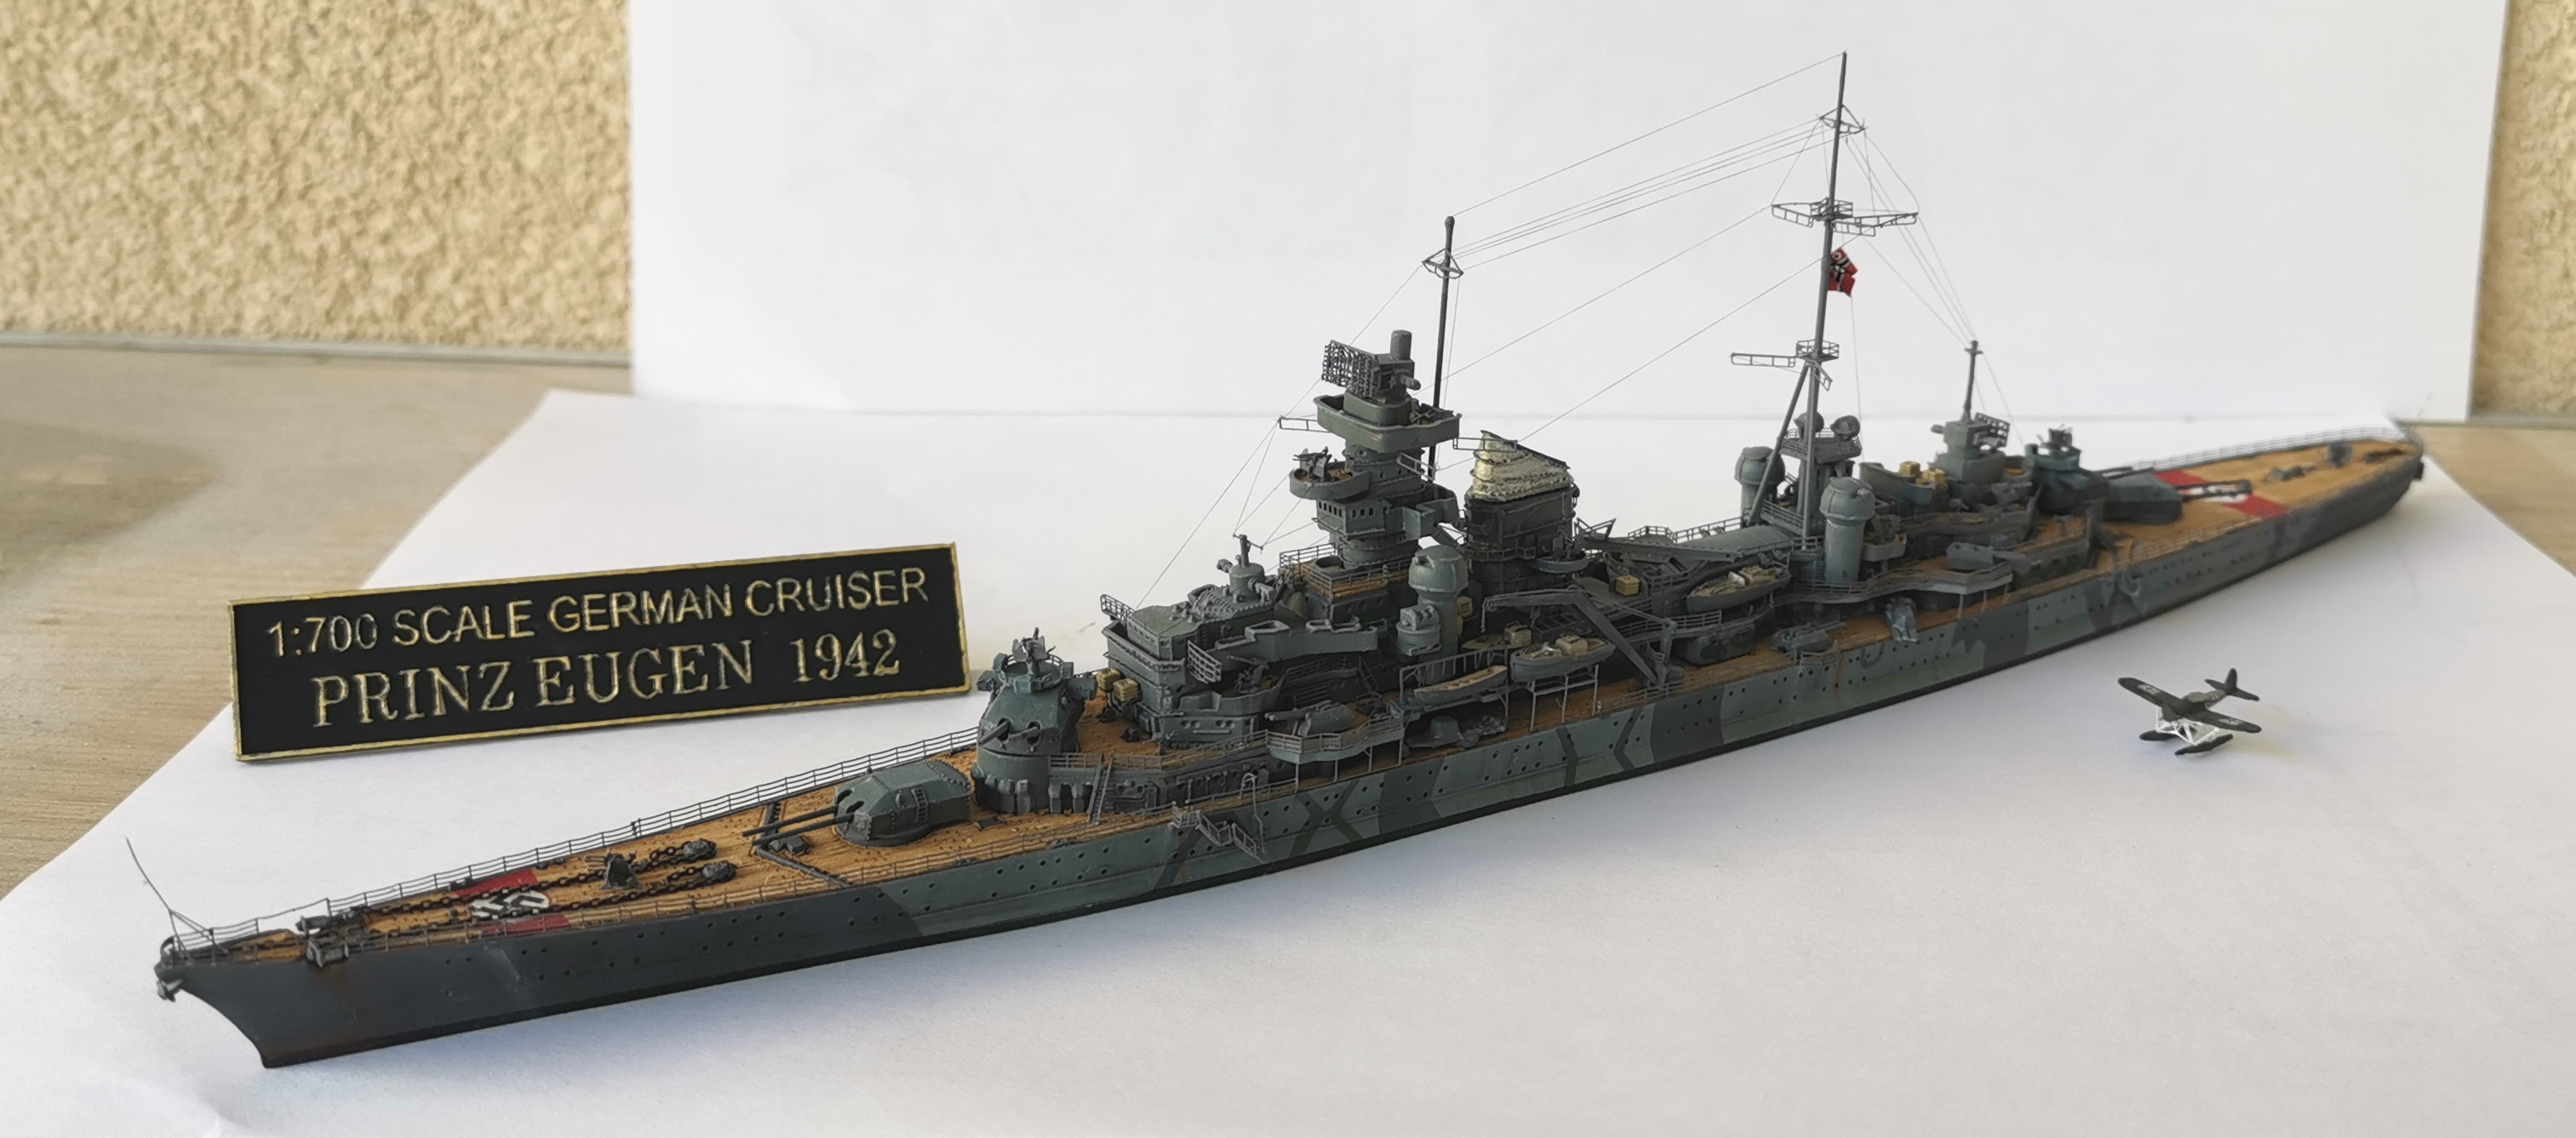 [TERMINE] Croiseur Prinz Eugen Trumpeter 1/700e, PE Flyhawk, pont en bois - Page 7 Prinz011